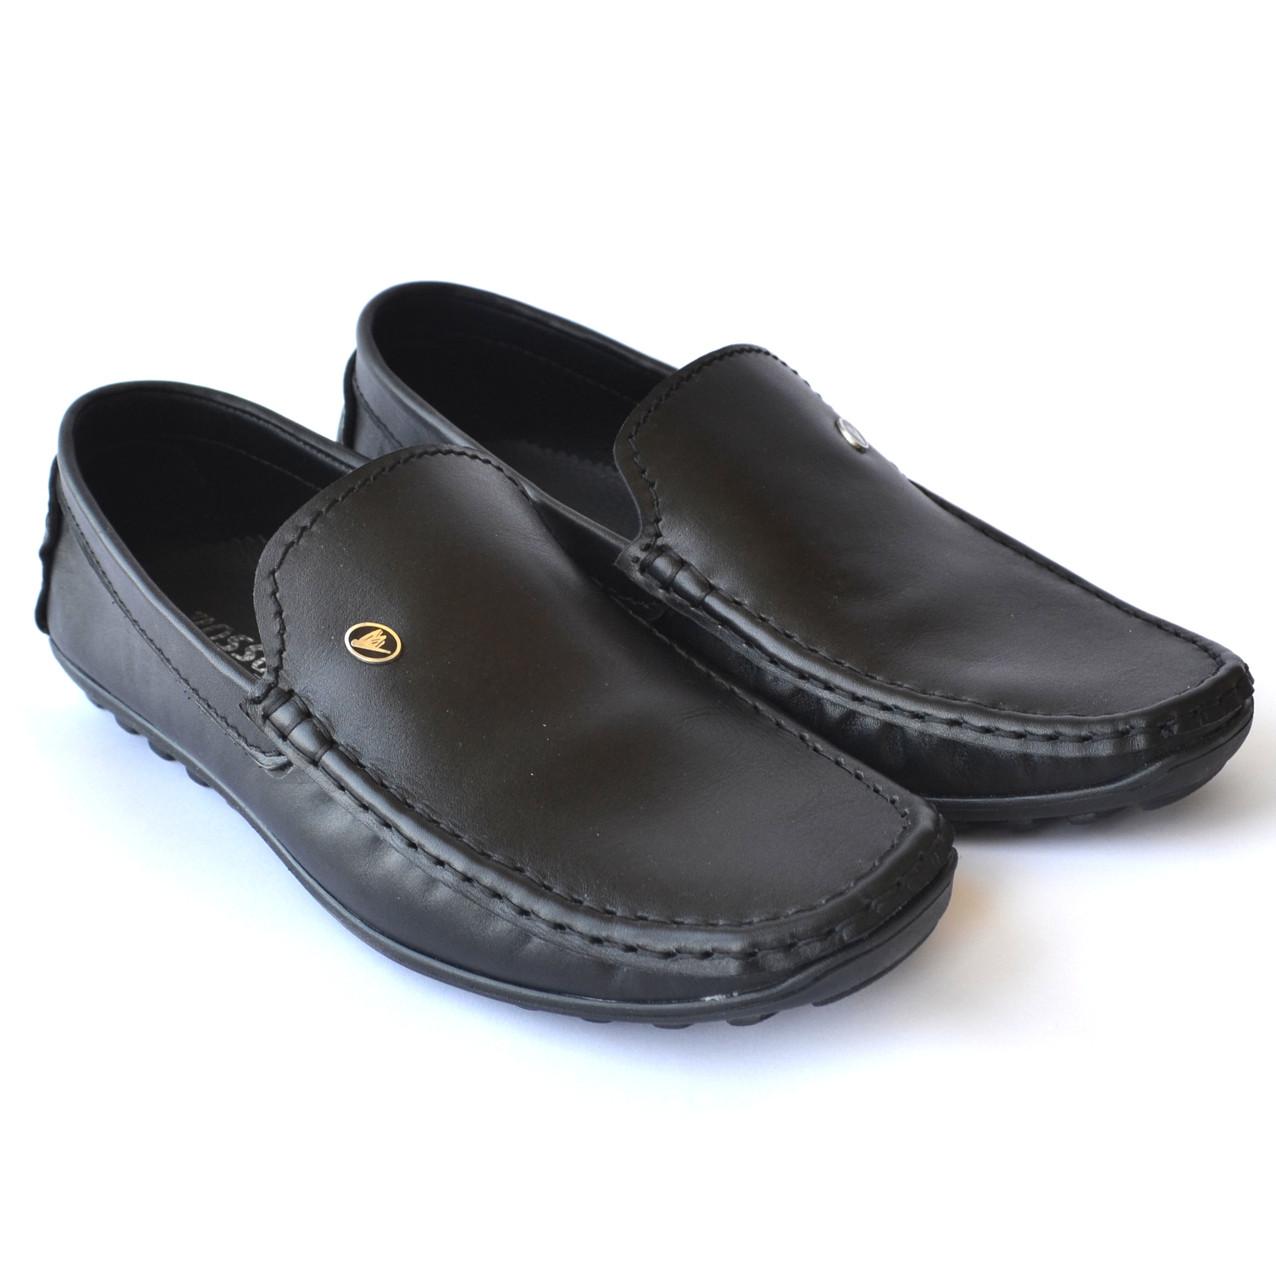 Взуття великих розмірів чоловіча шкіряні мокасини чорні Rosso Avangard BS Alberto M5 Black Leather